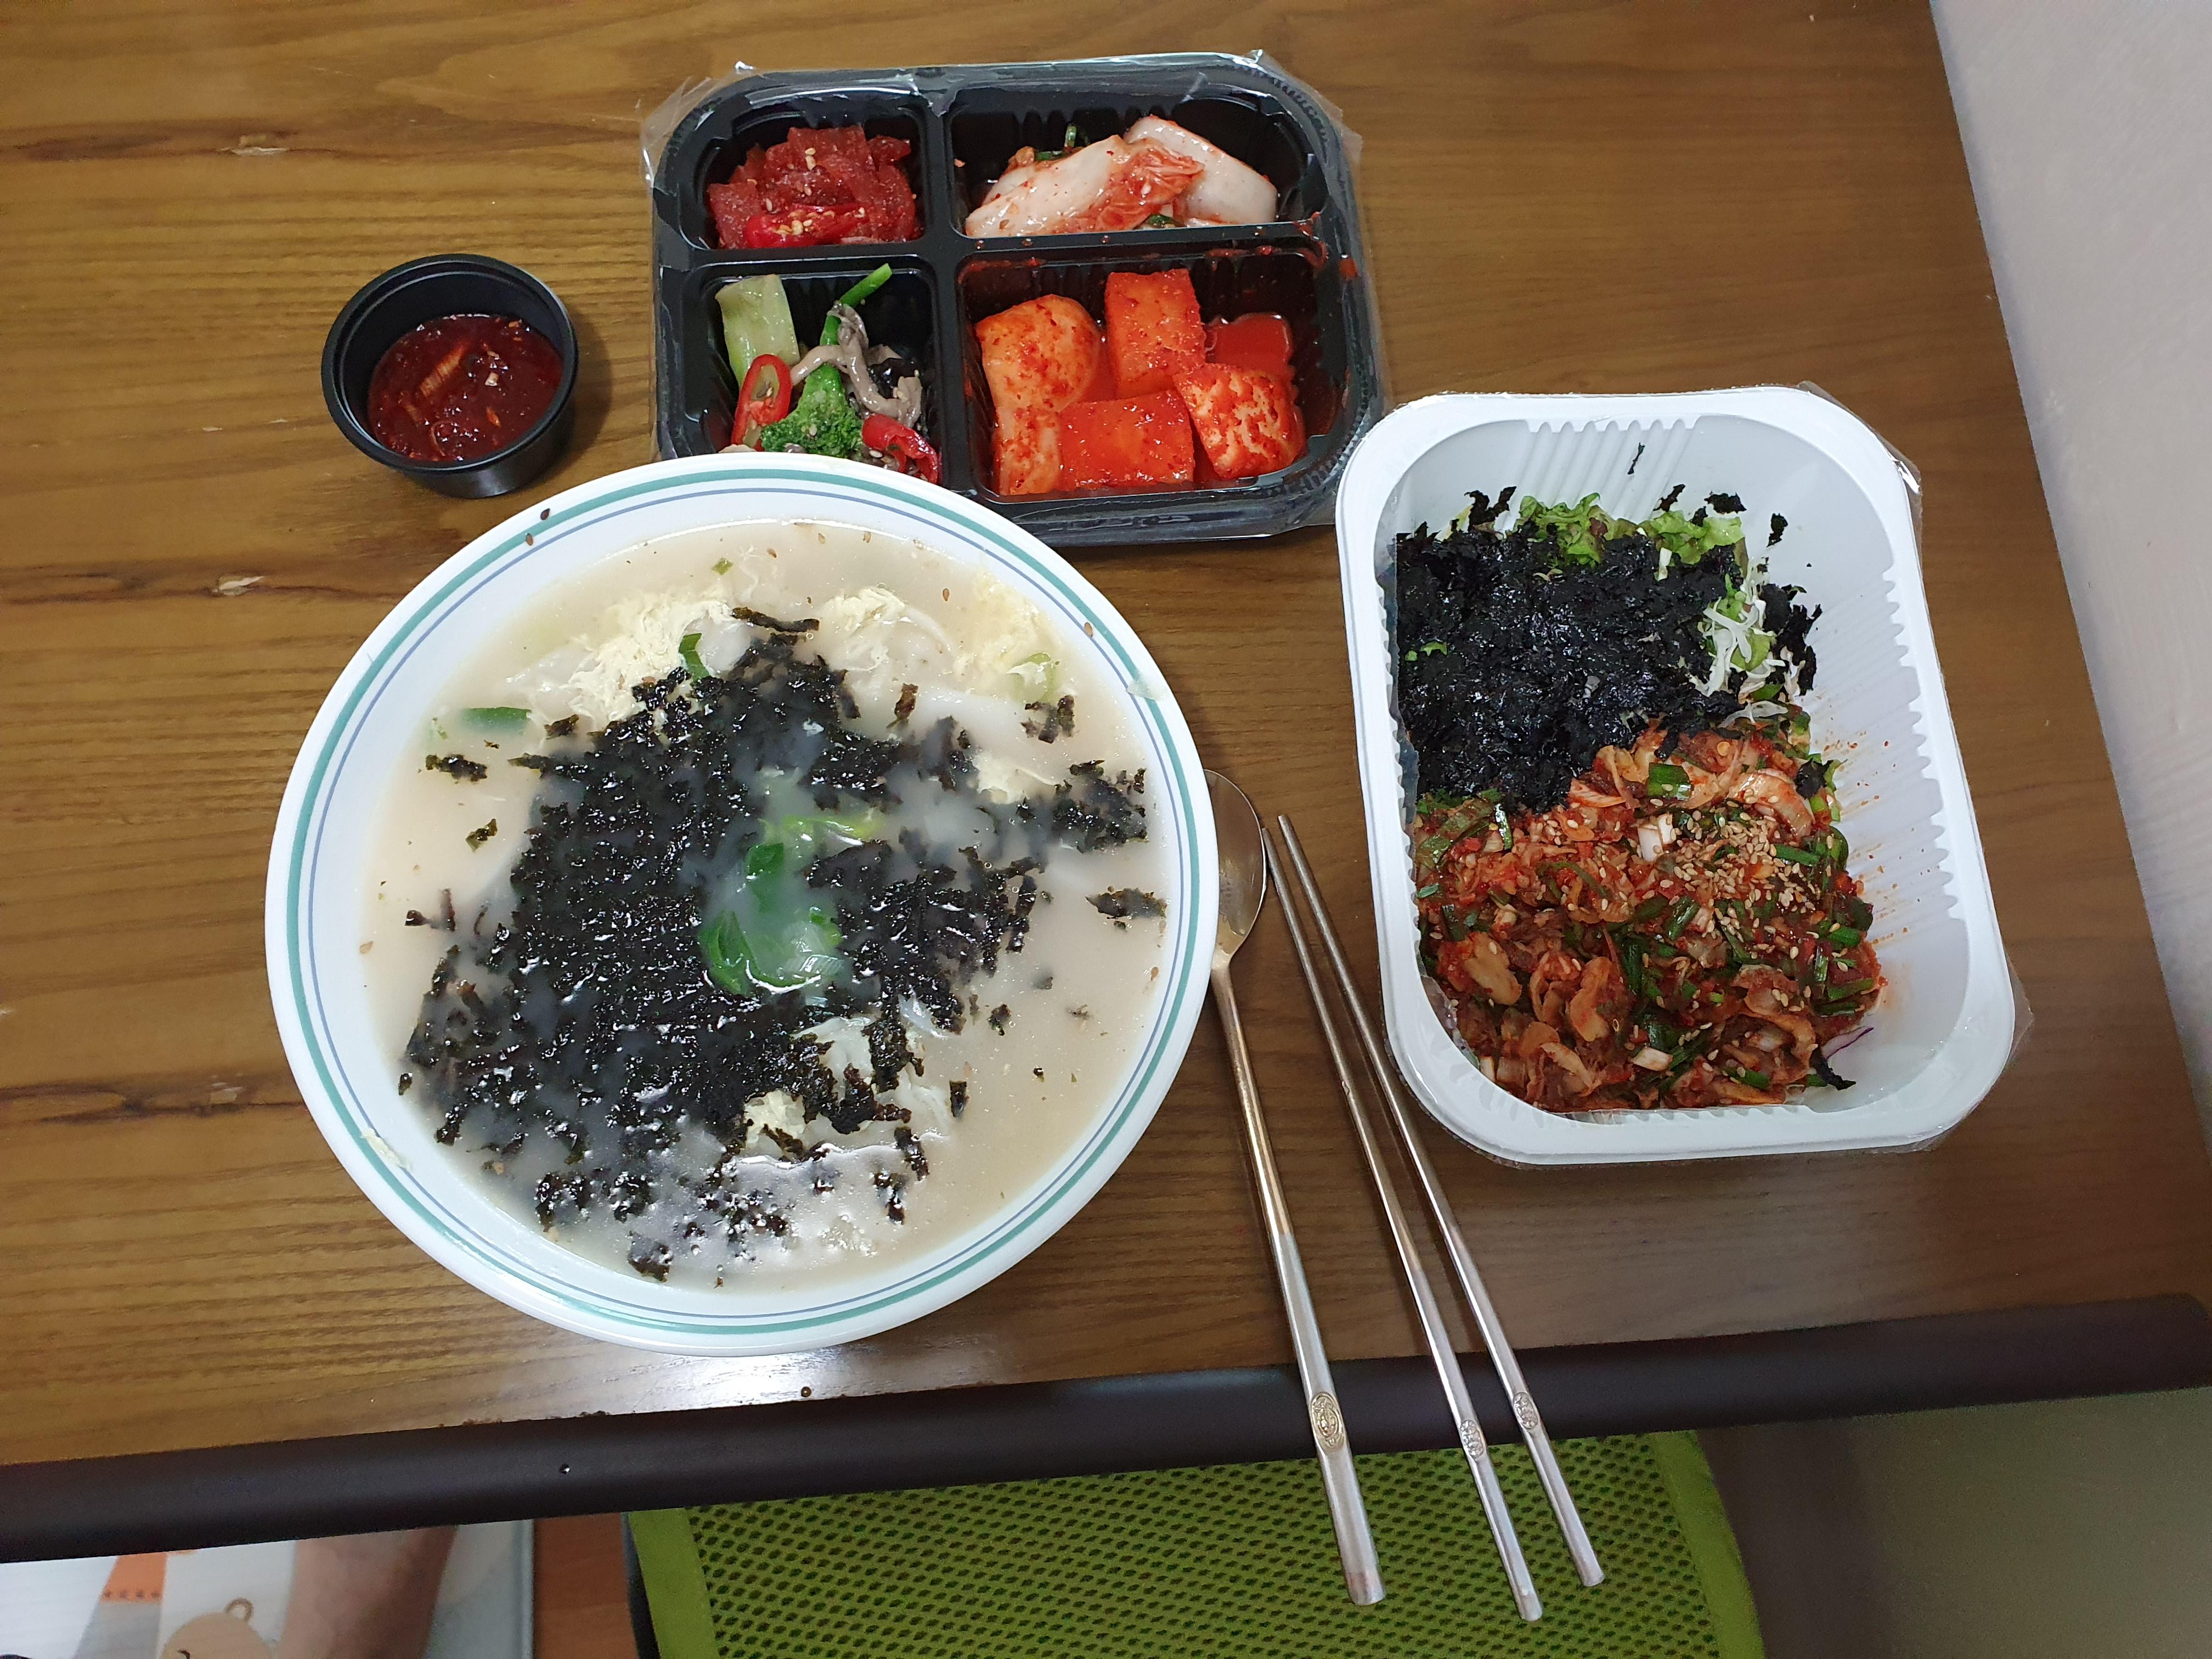 꼬막비빔밥과 만두국 : 꾸물거리는 날엔 따뜻한 식사를 해요.